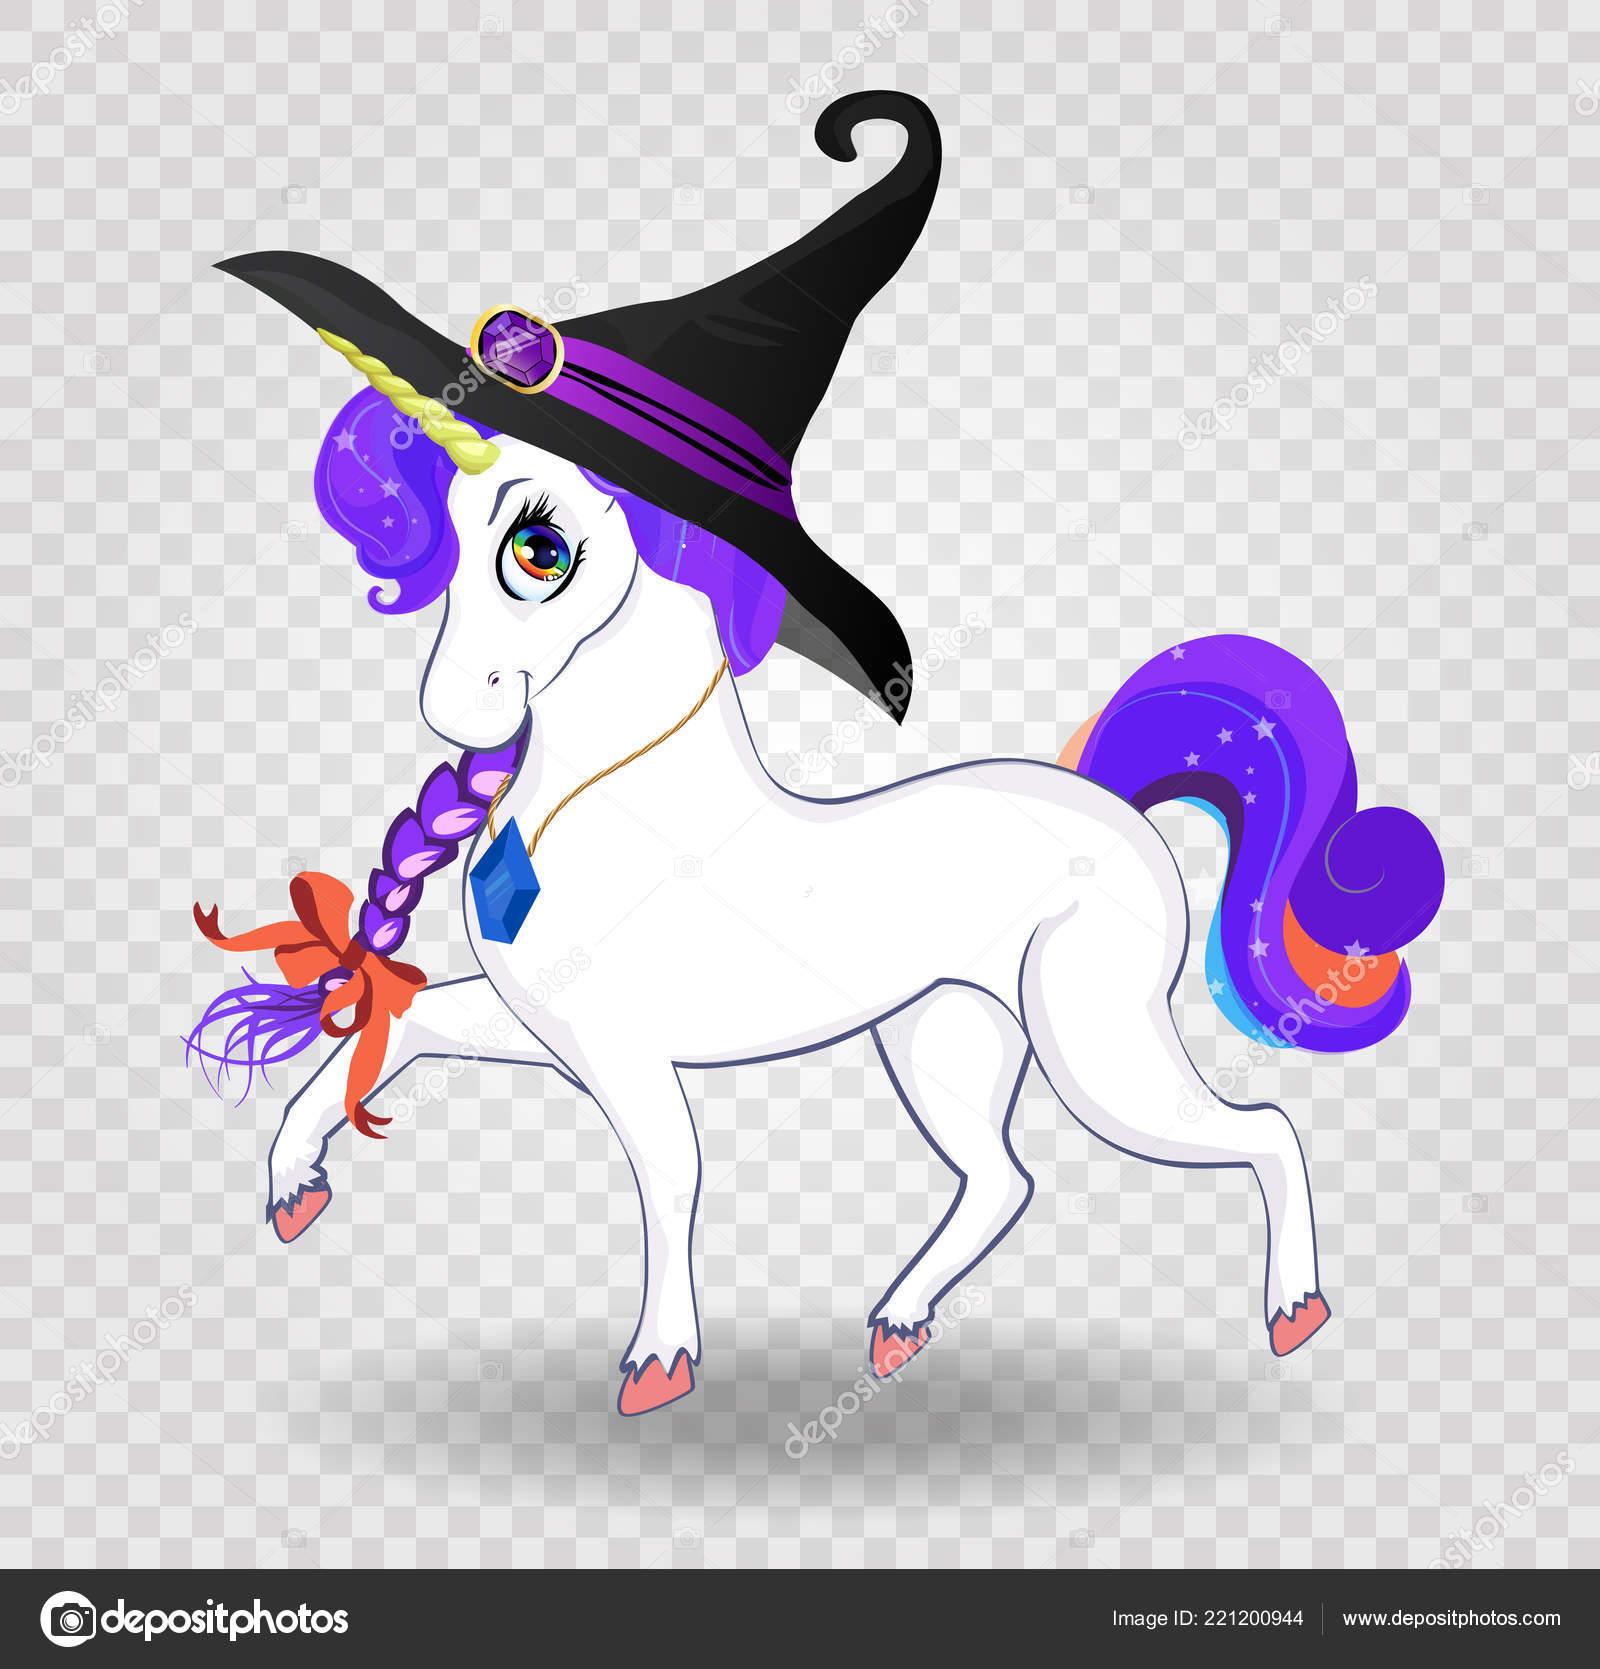 3466ffe4cc Ilustração Vetorial Halloween Personagem Unicórnio Mágico Bonito Dos ...